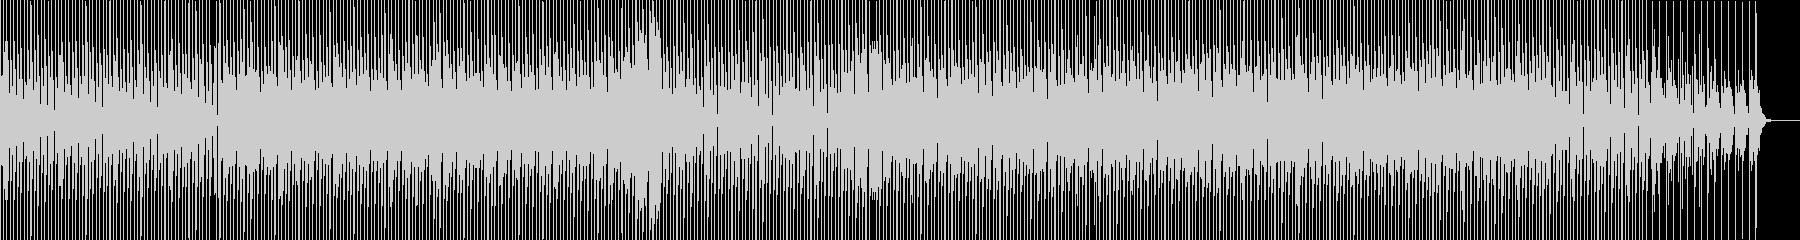 緊張感のあるテクノの未再生の波形